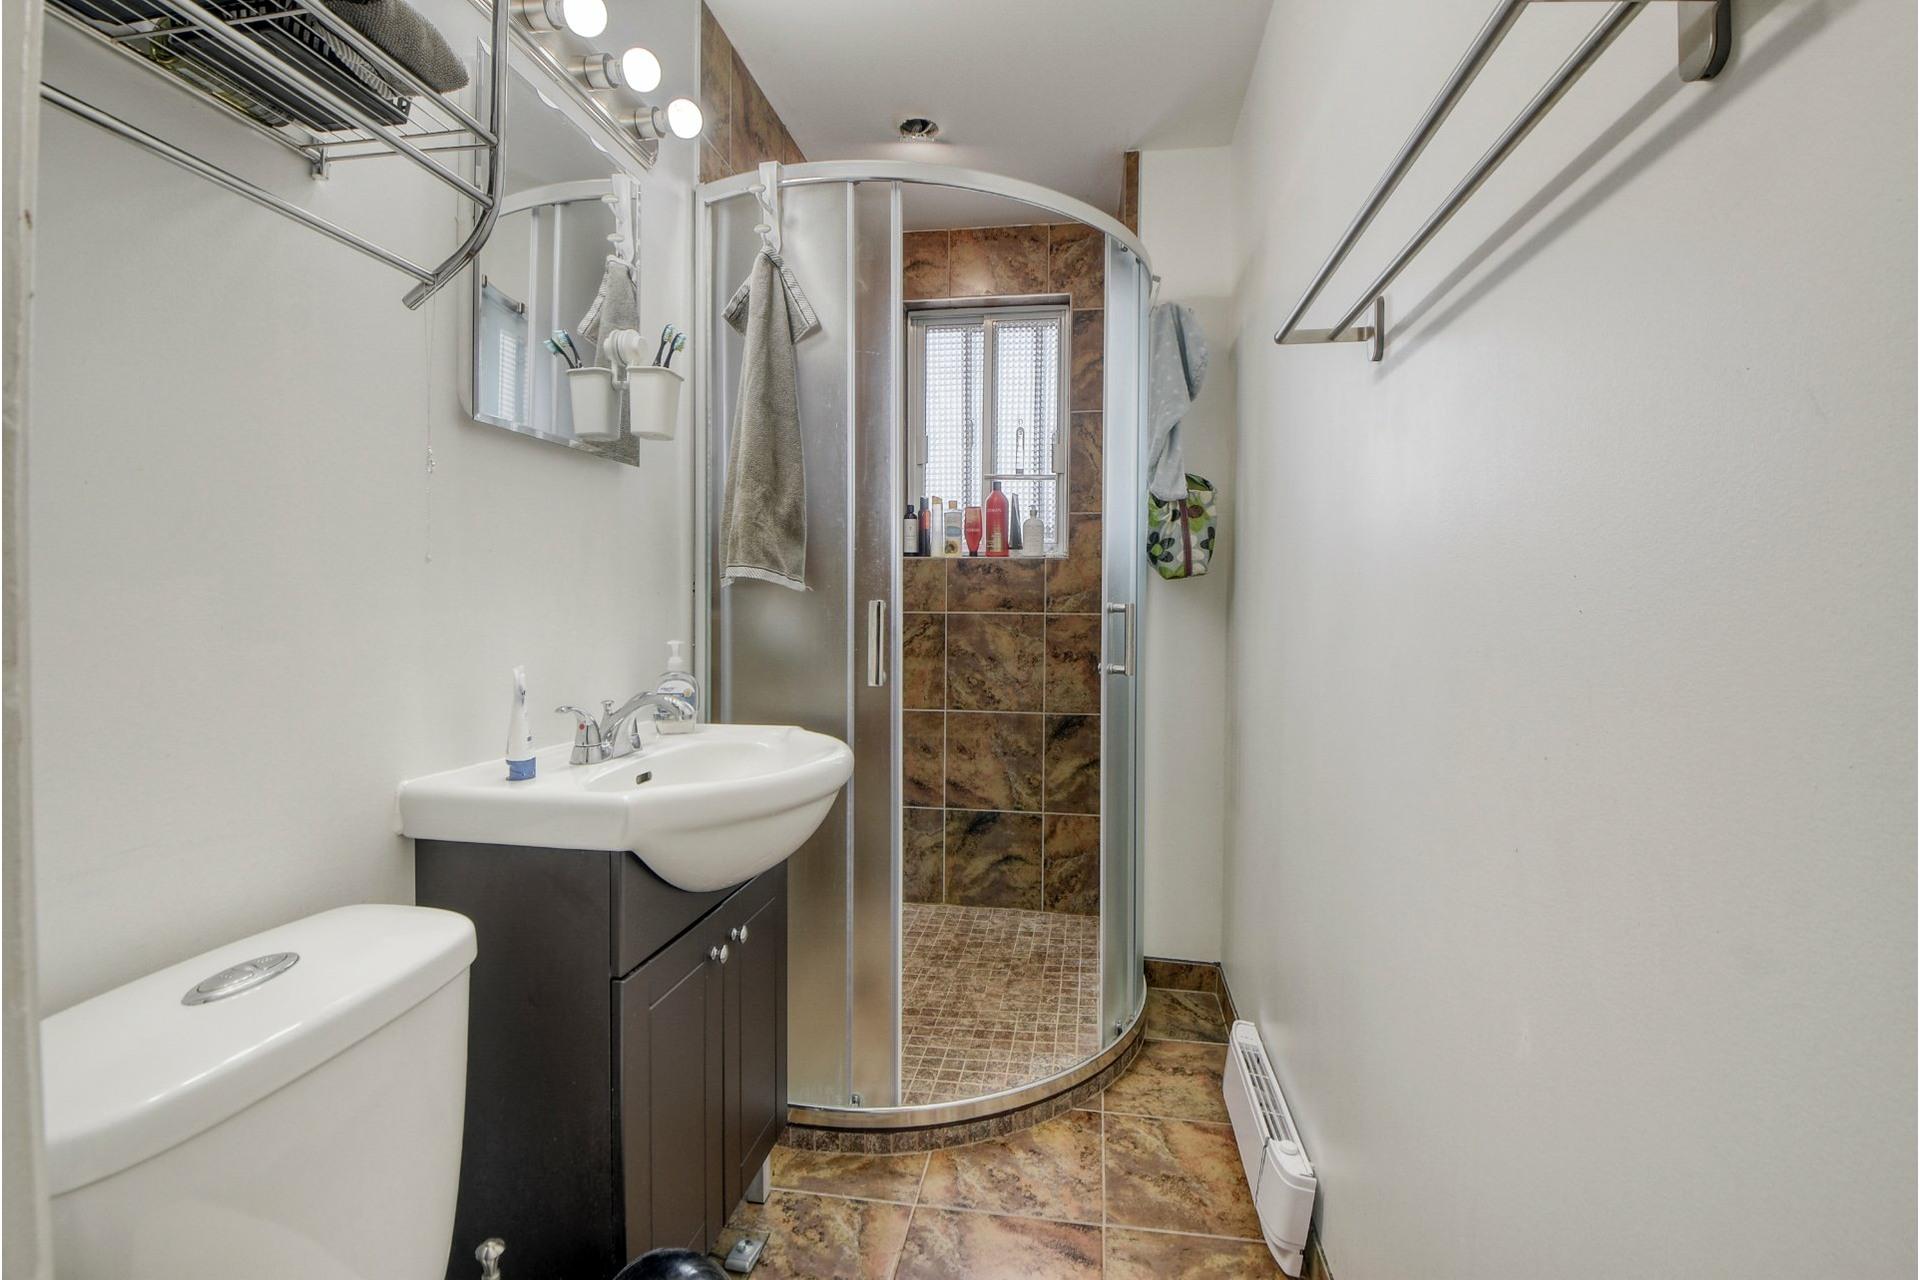 image 16 - Quintuplex For sale Mercier/Hochelaga-Maisonneuve Montréal  - 6 rooms